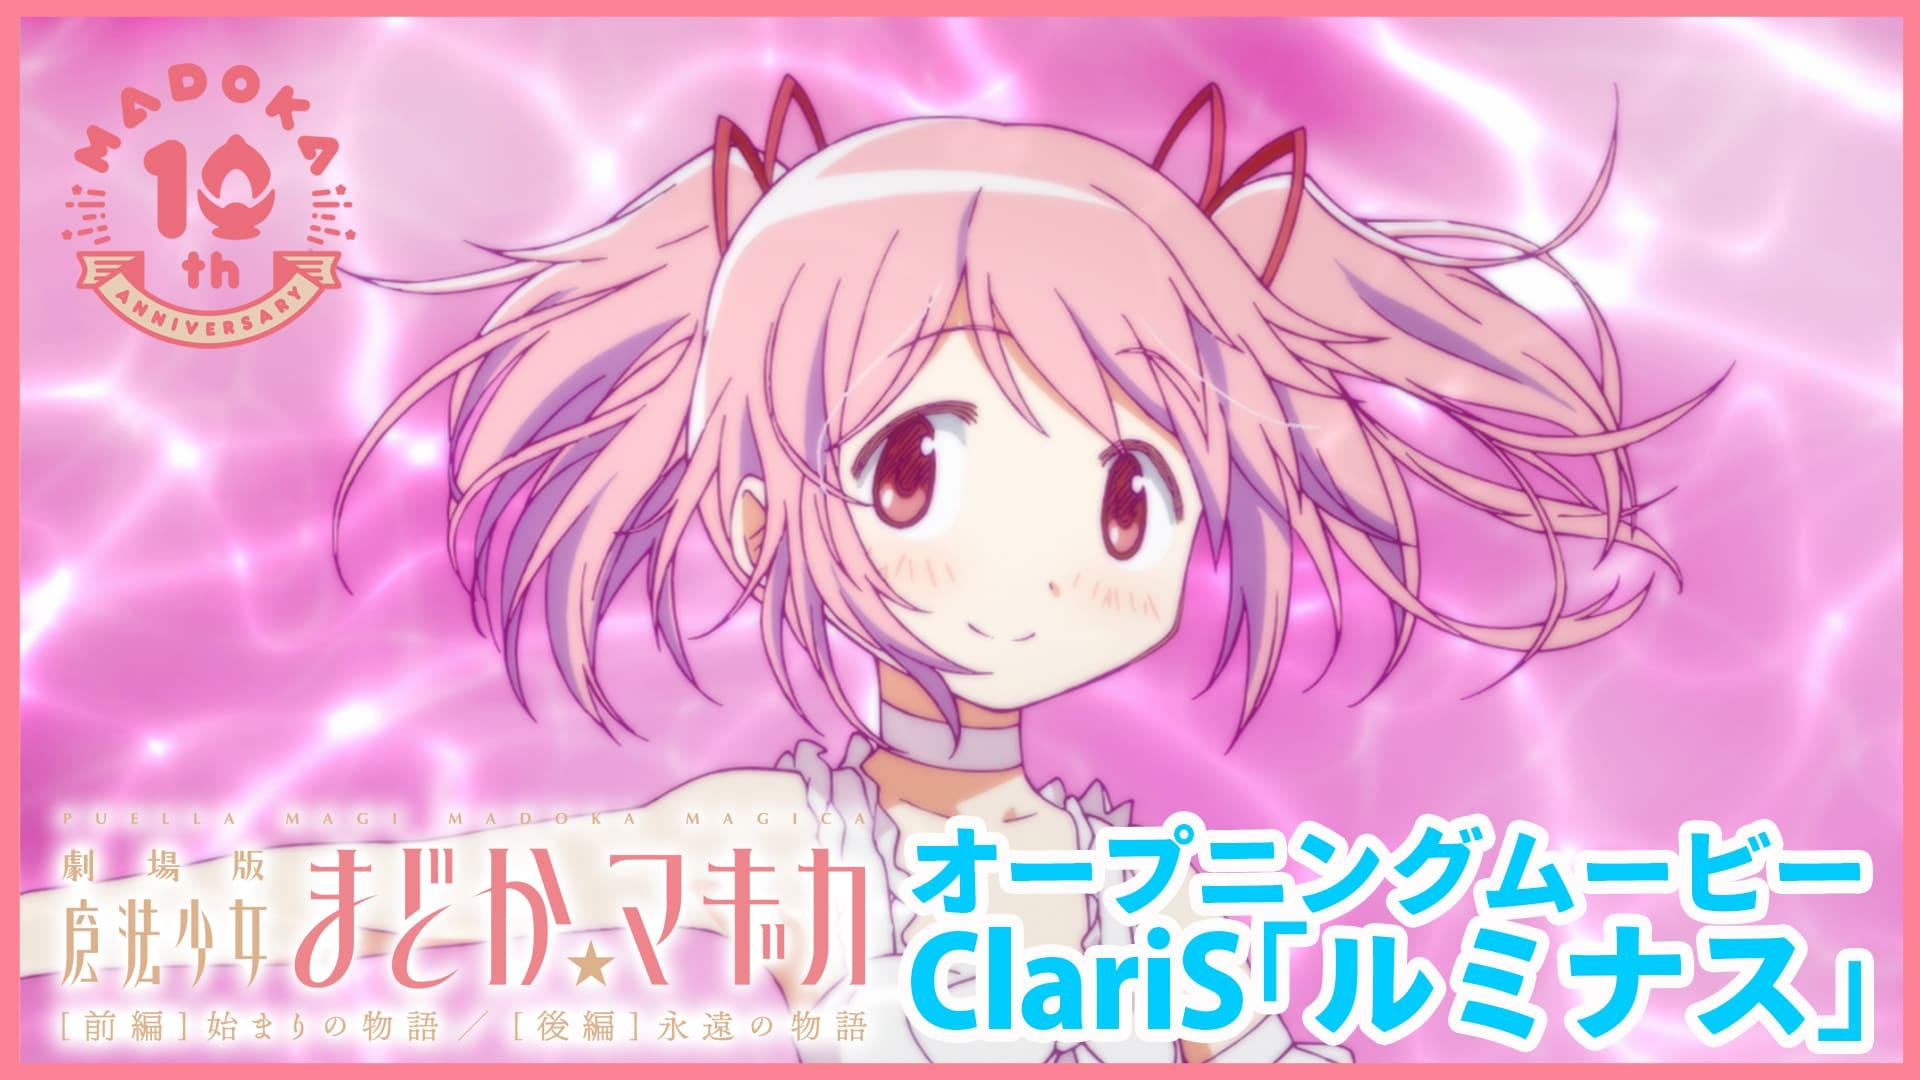 劇場版 魔法少女まどか☆マギカ オープニングムービー ClariS「ルミナス」